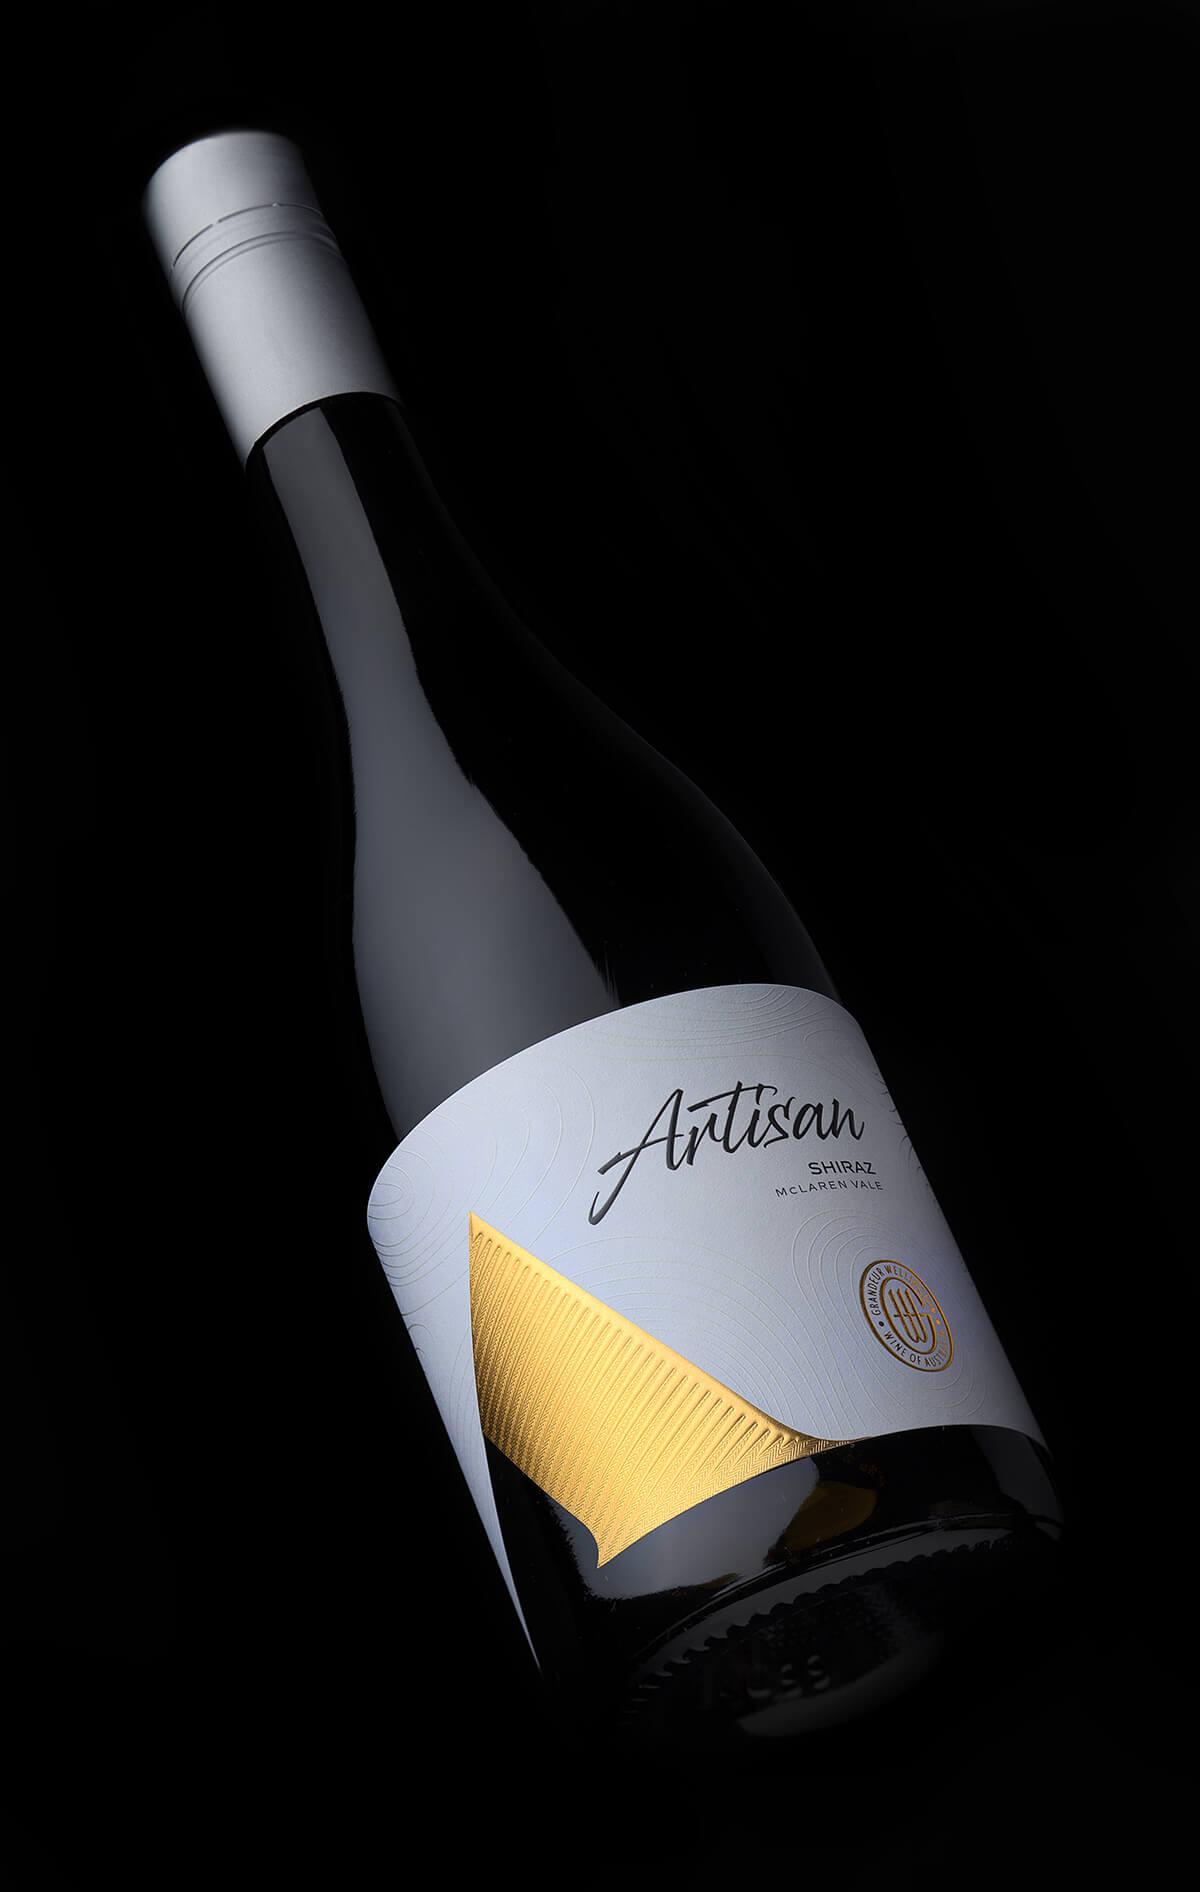 grandeur wellington wine